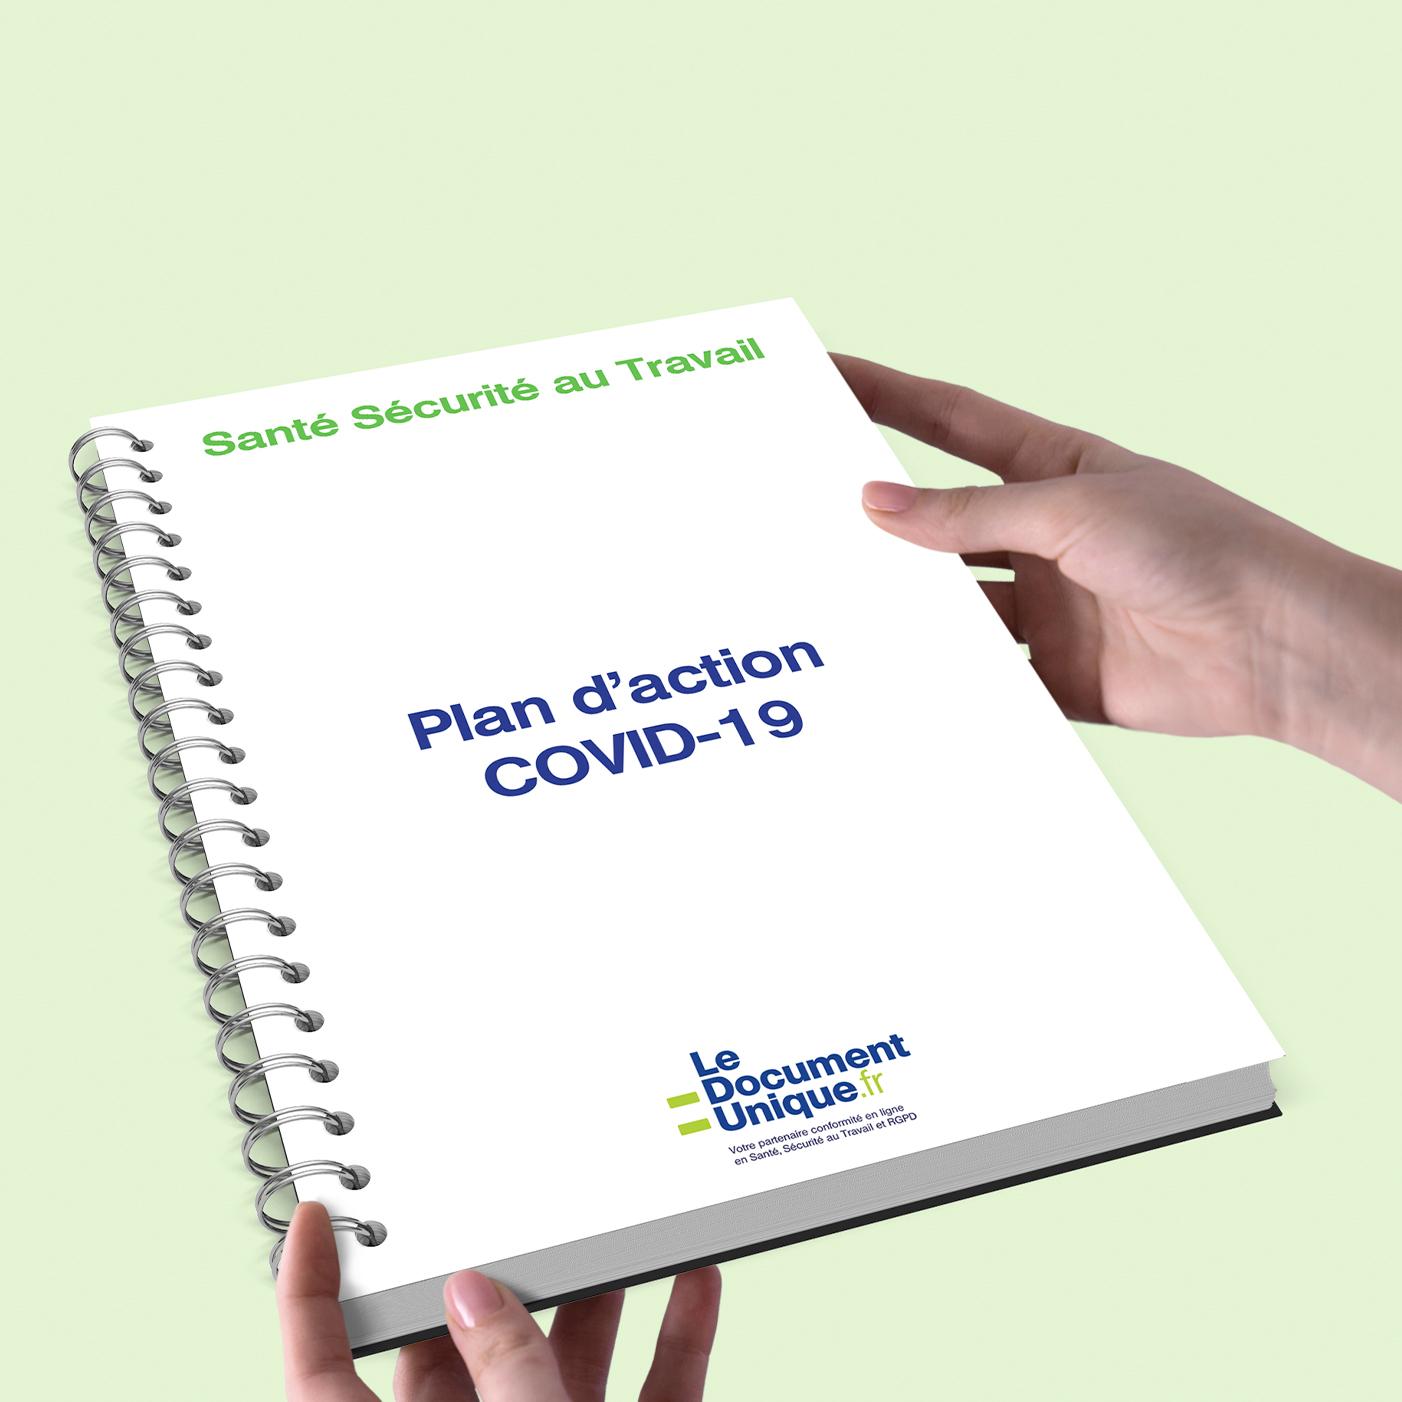 plan d'action COVID-19 obligation de santé et sécurité au travail